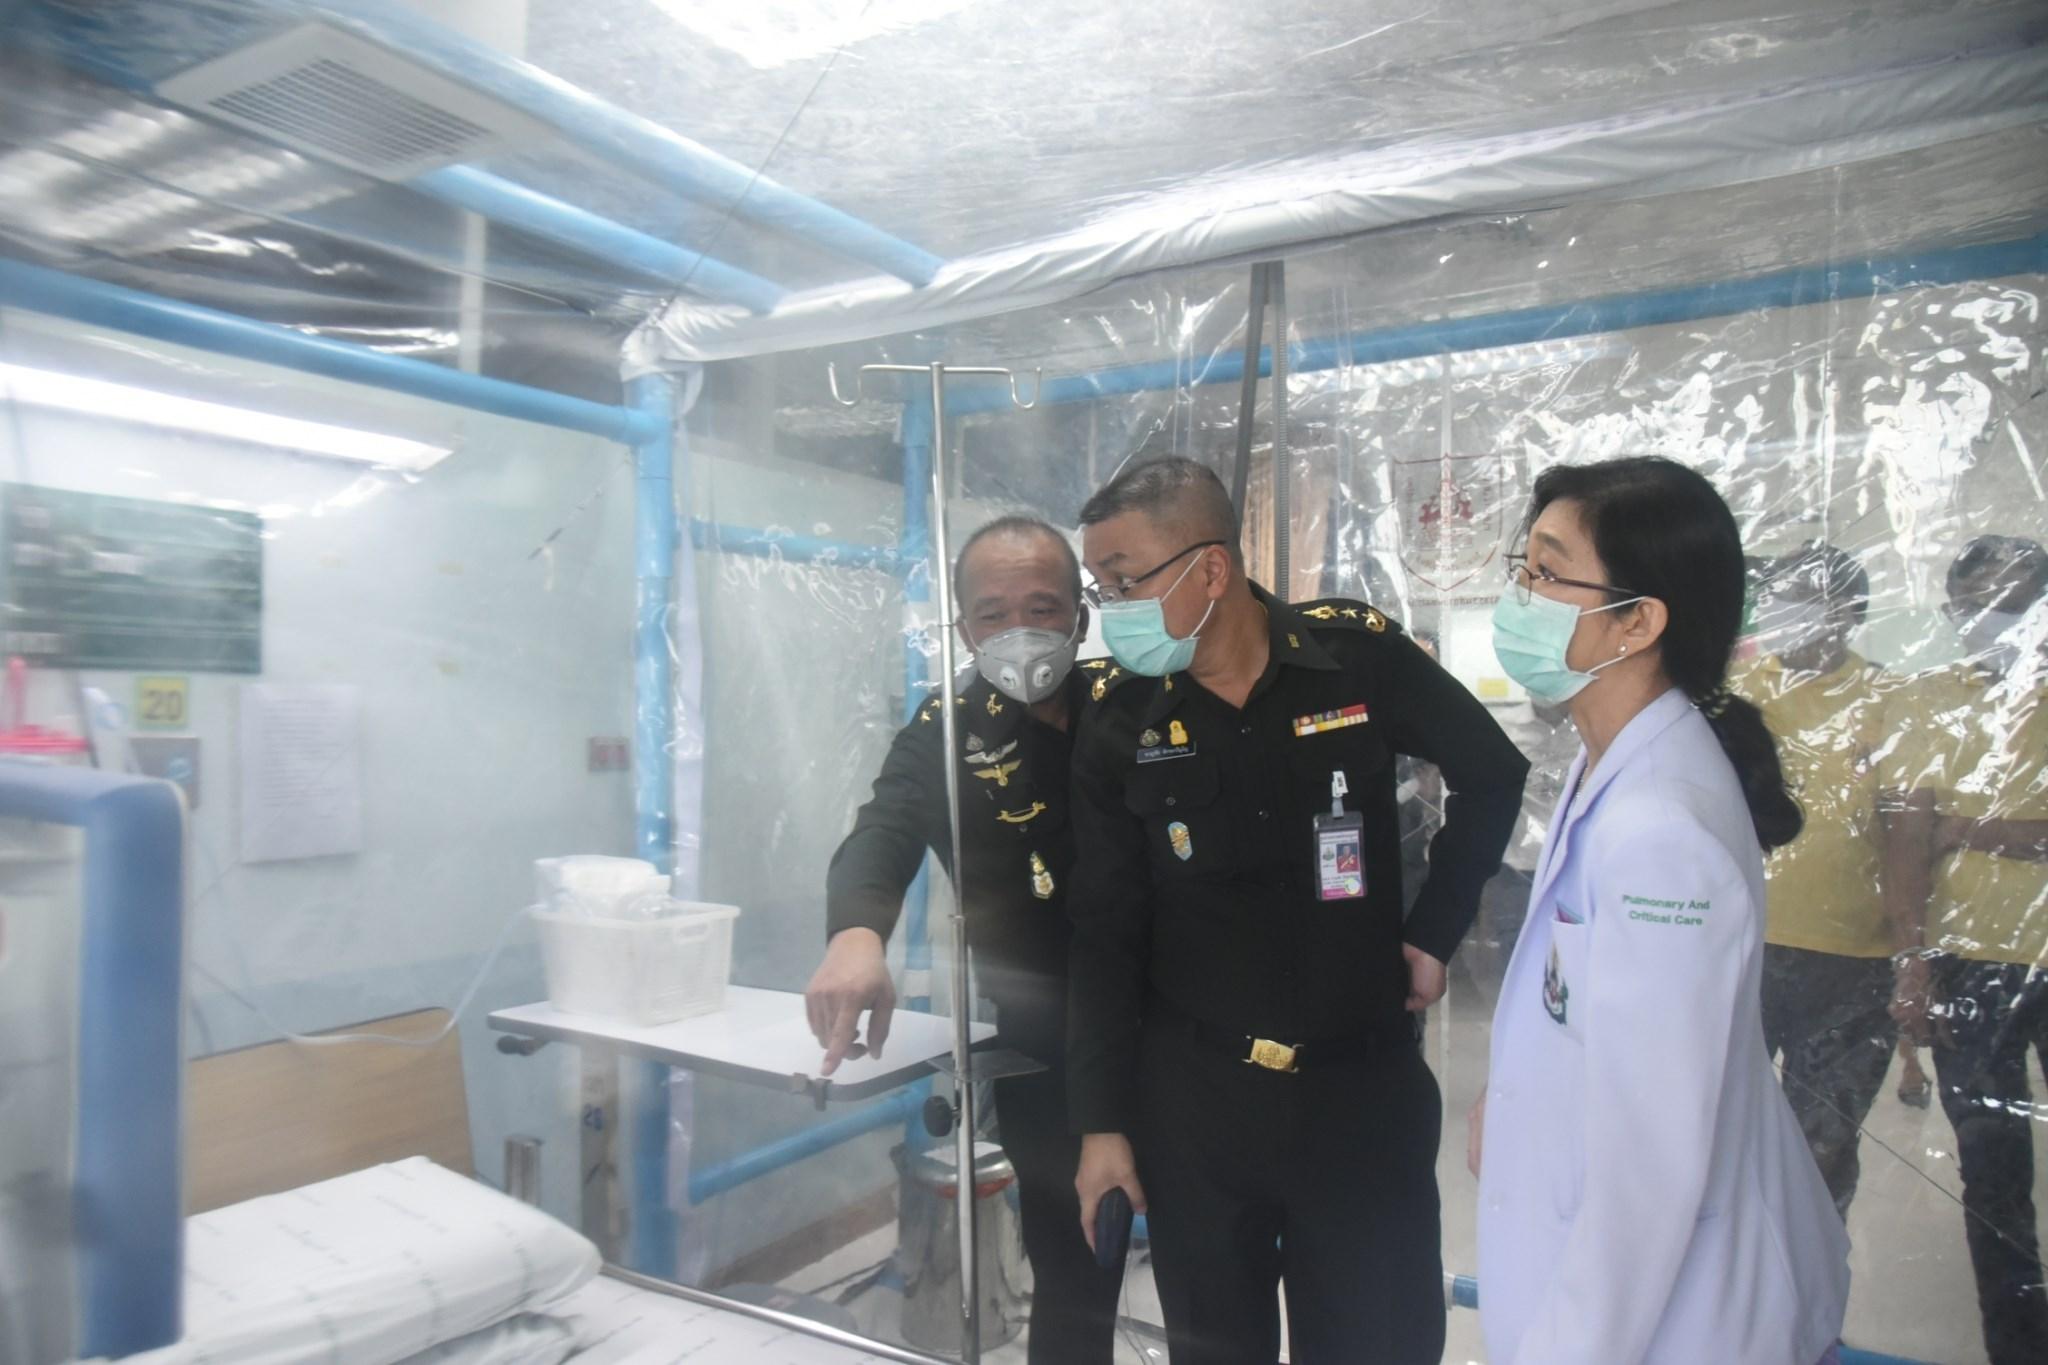 ดร.ธเนศ วีระศิริ นายก วสท. พร้อมคณะทำงานเดินทางไปส่งมอบตู้ความดันลบทั้ง 2 รุ่น ให้กับโรงพยาบาลพระมงกุฎเกล้า โดยมีเจ้ากรม กรมแพทย์ทหารบกรับมอบด้วยตนเอง